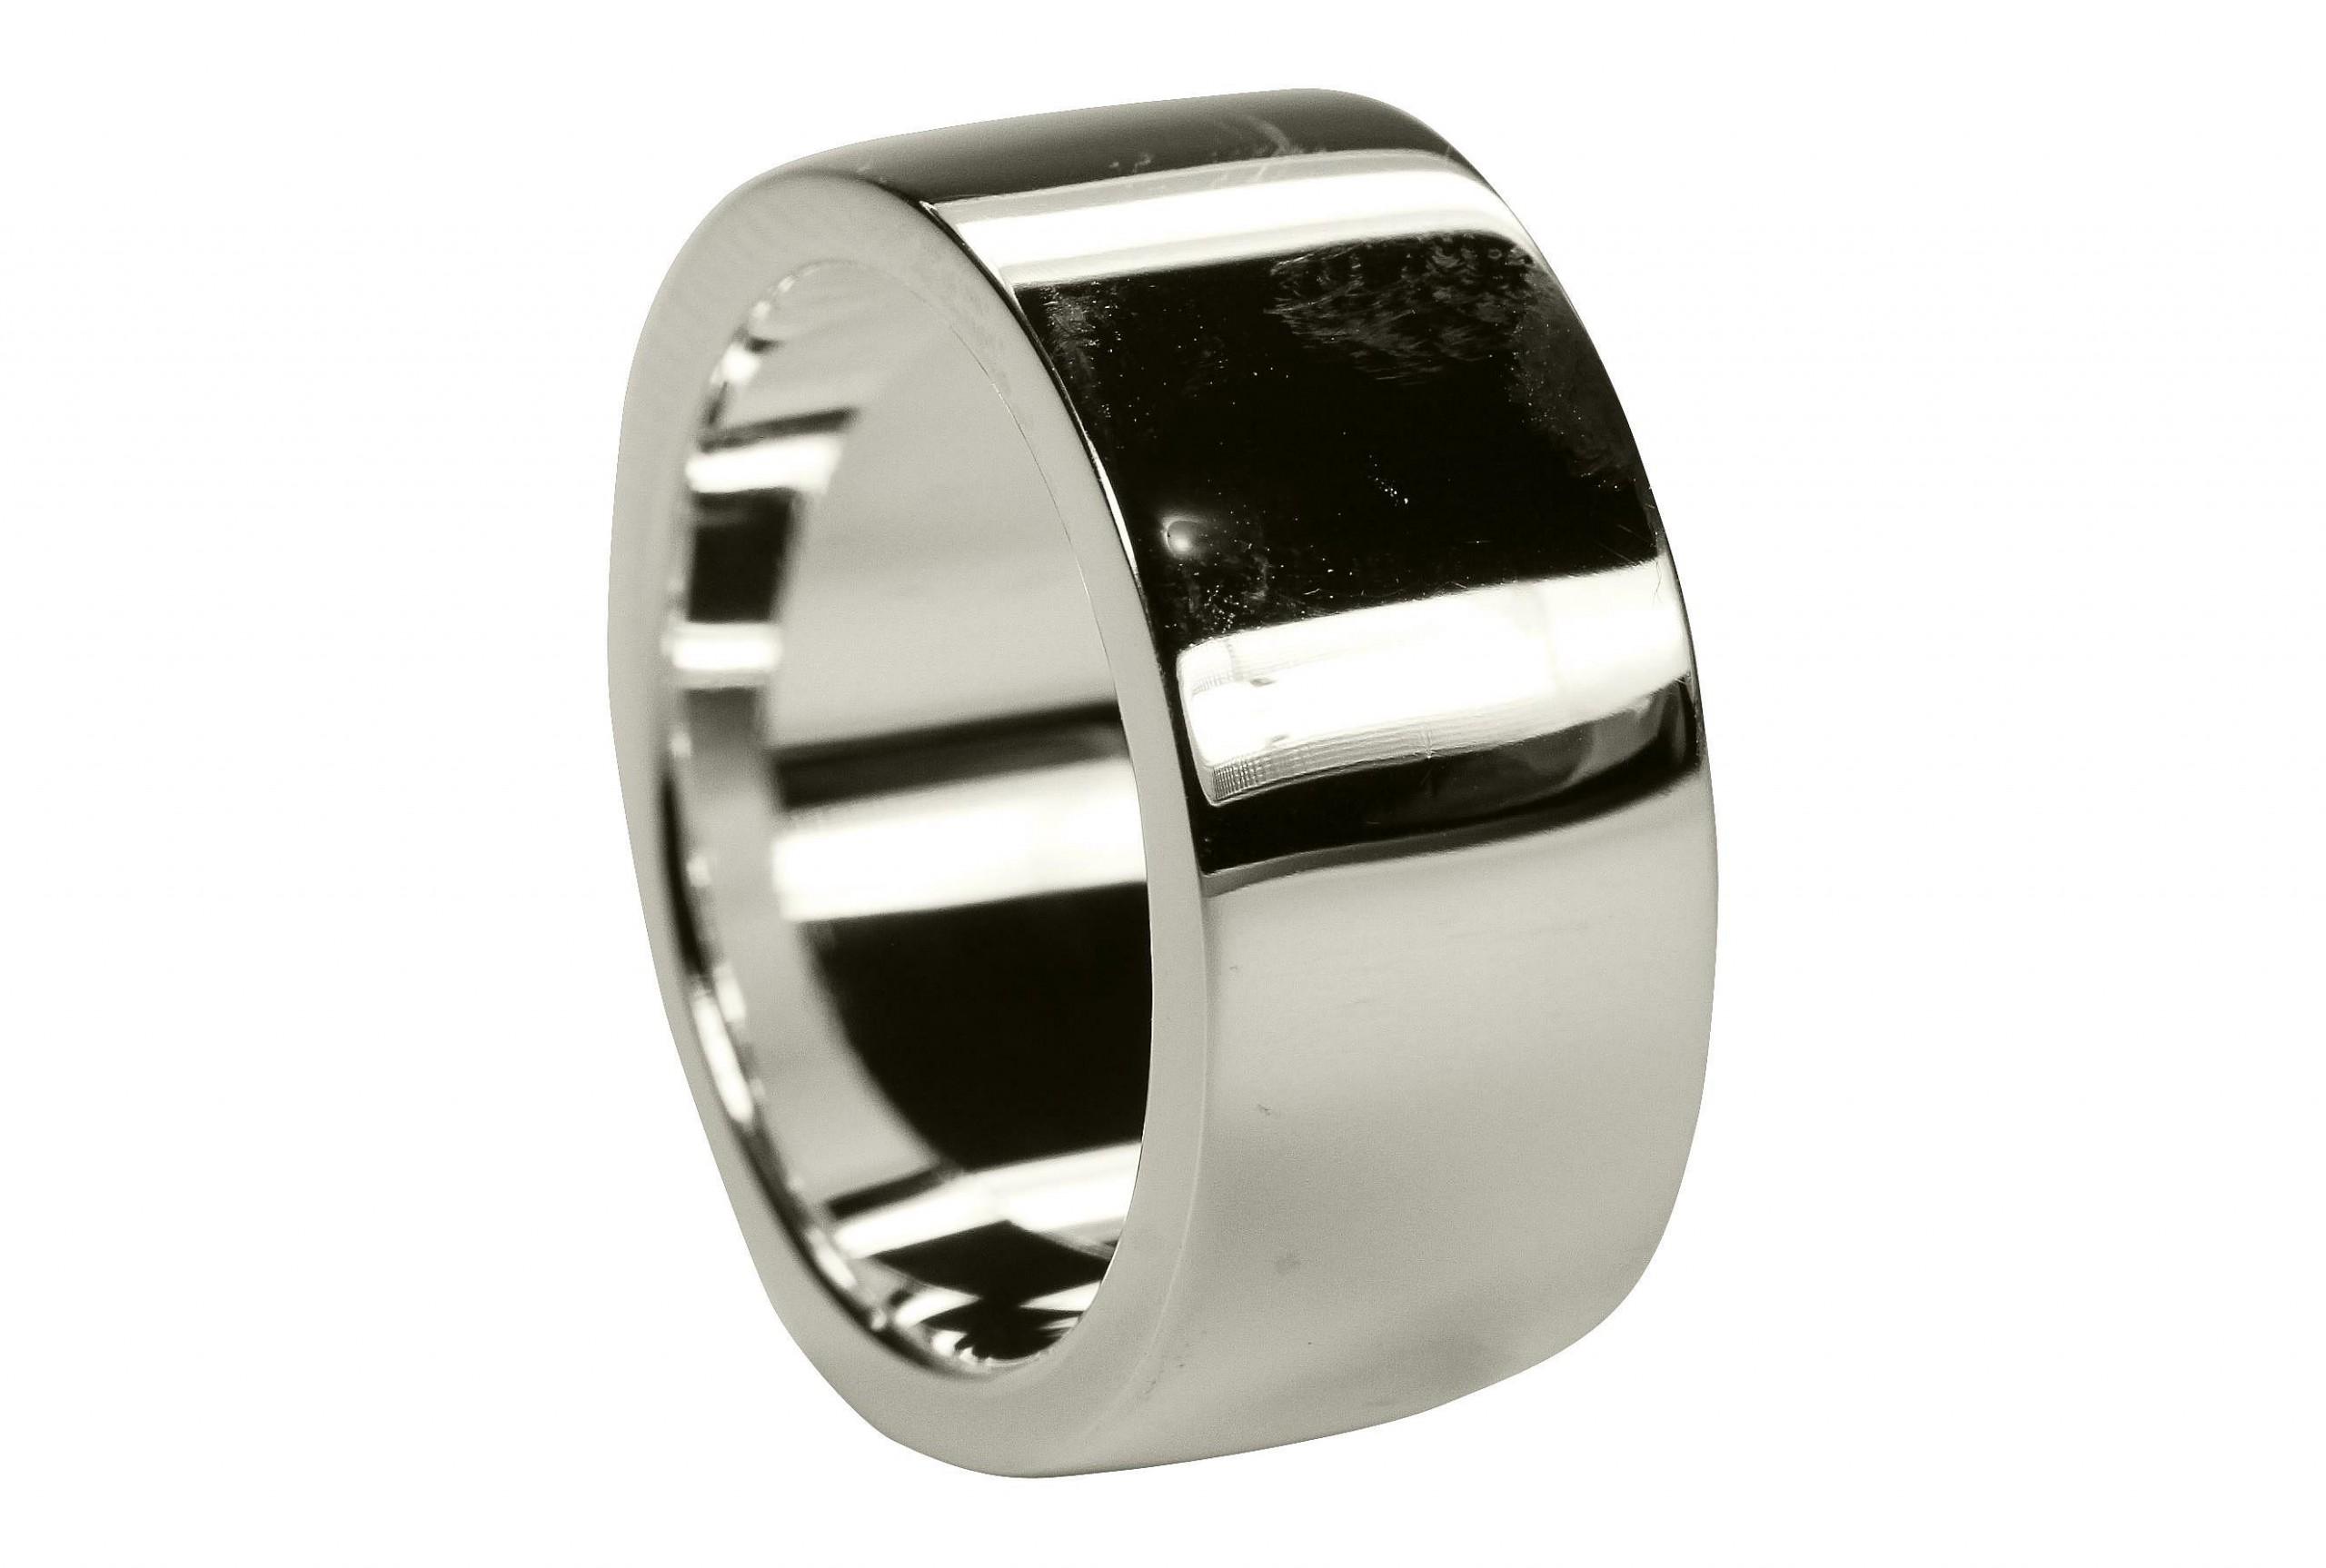 ... Partnerring Ehering glänzend Bandring Massiv Sterling Silber 925